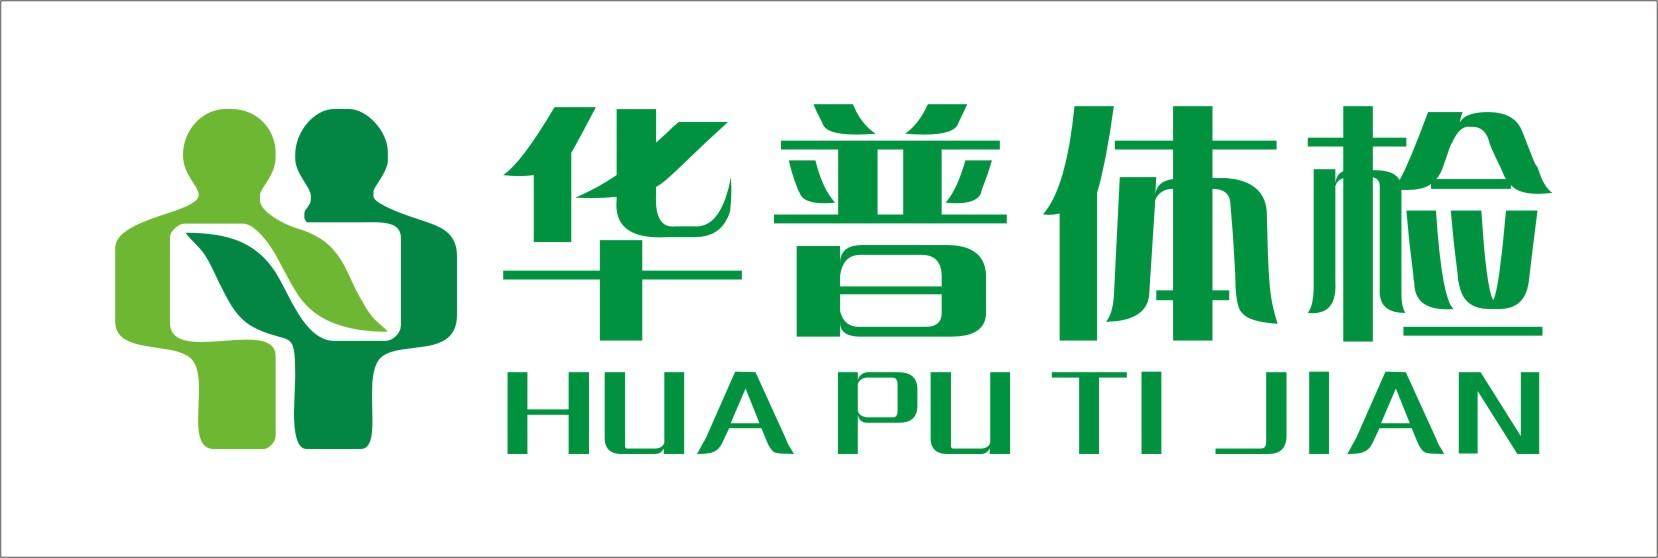 梅州市华普健康产业投资有限公司